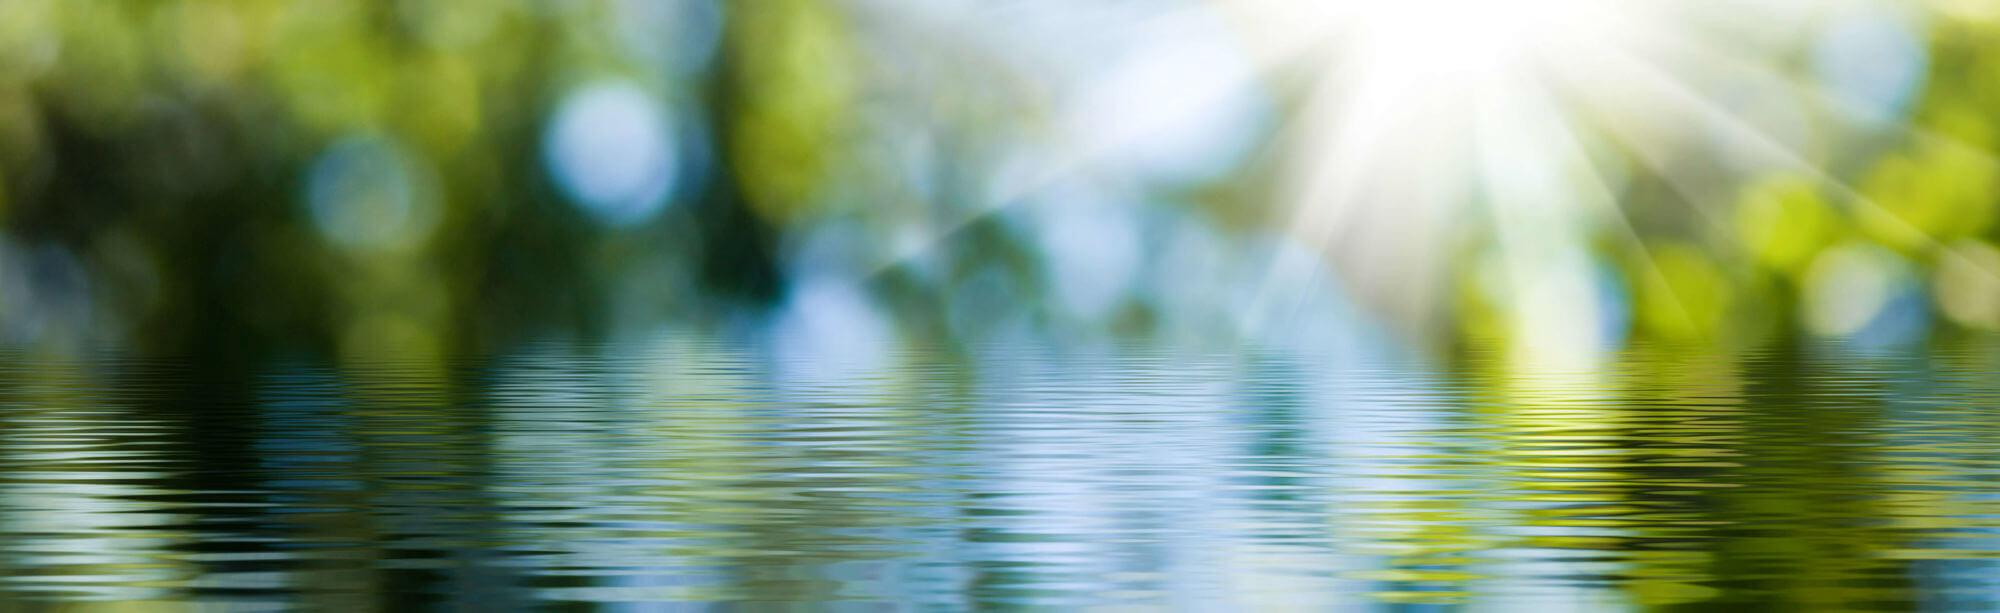 Osmose inverse : eau purifiée naturellement